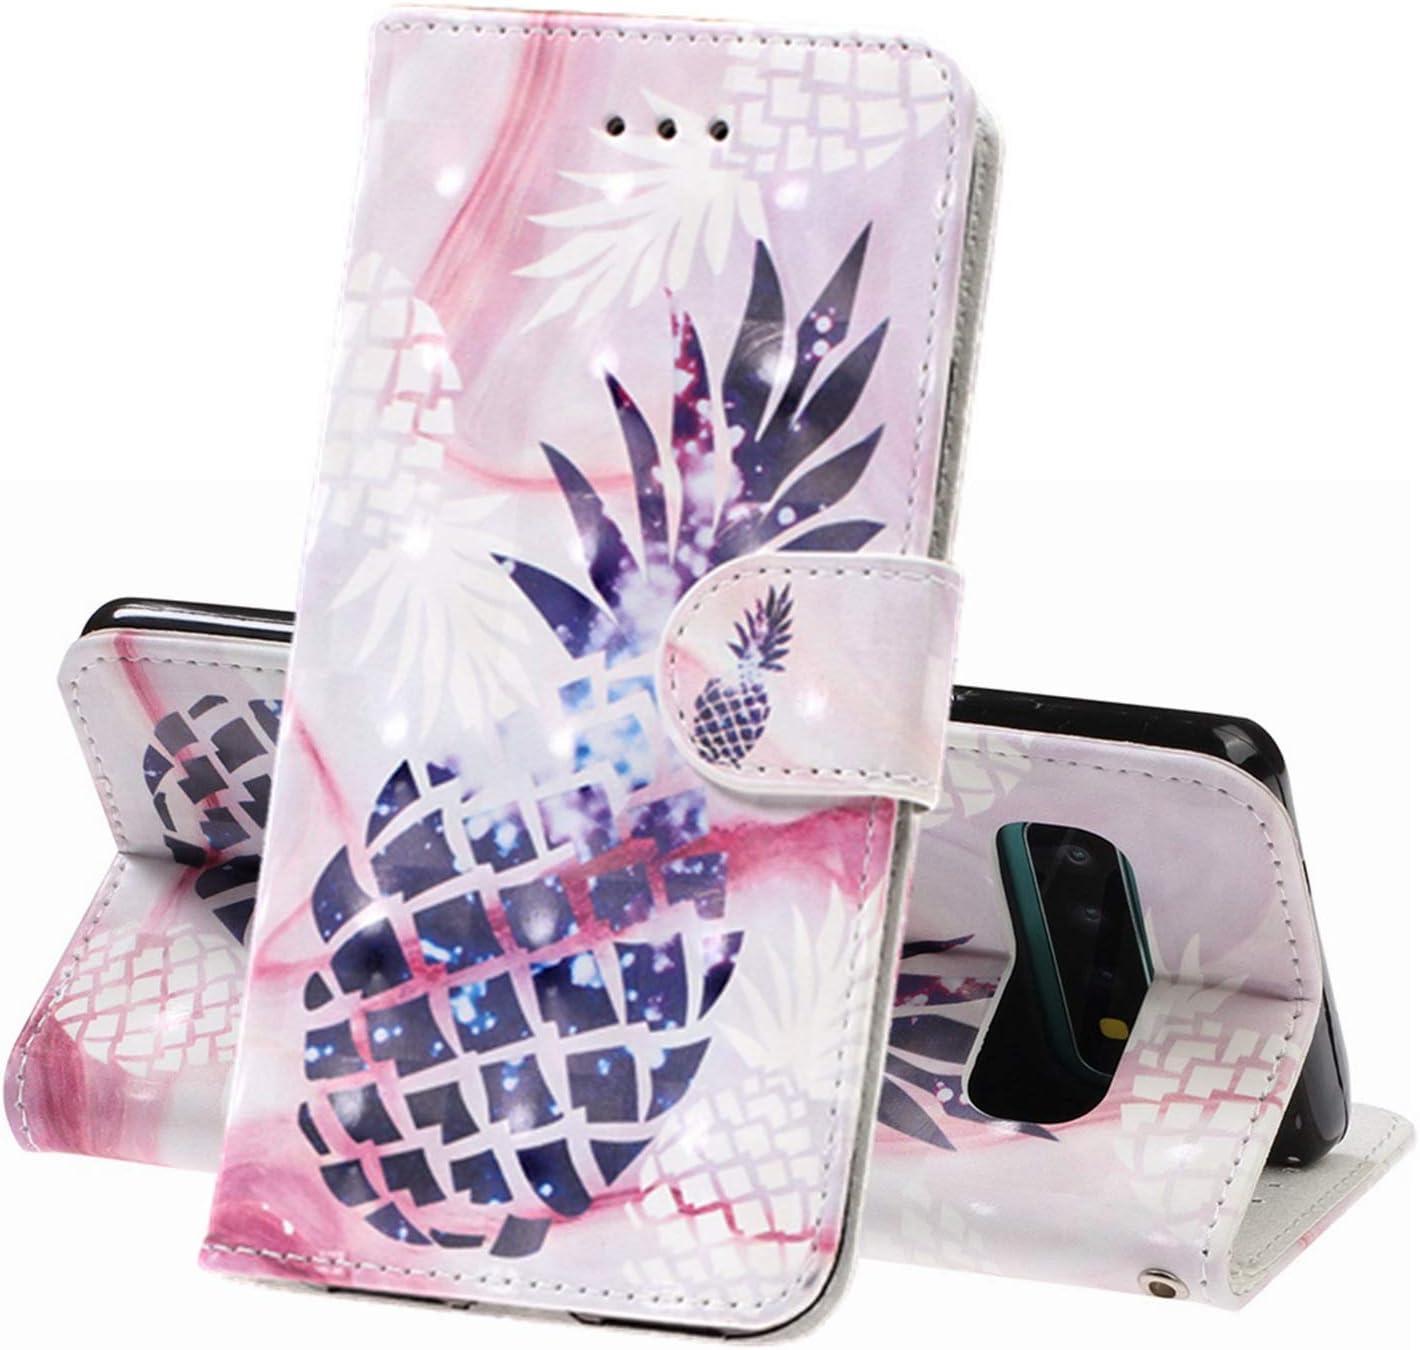 XINYIYI Estuche para Samsung Galaxy S10(5G) Bookstyle Estuche Pintado Pintado PU Funda de Cuero Flip Flap Funda Protectora TPU Funda de Silicona para Samsung Galaxy S10(5G) -Piña: Amazon.es: Electrónica